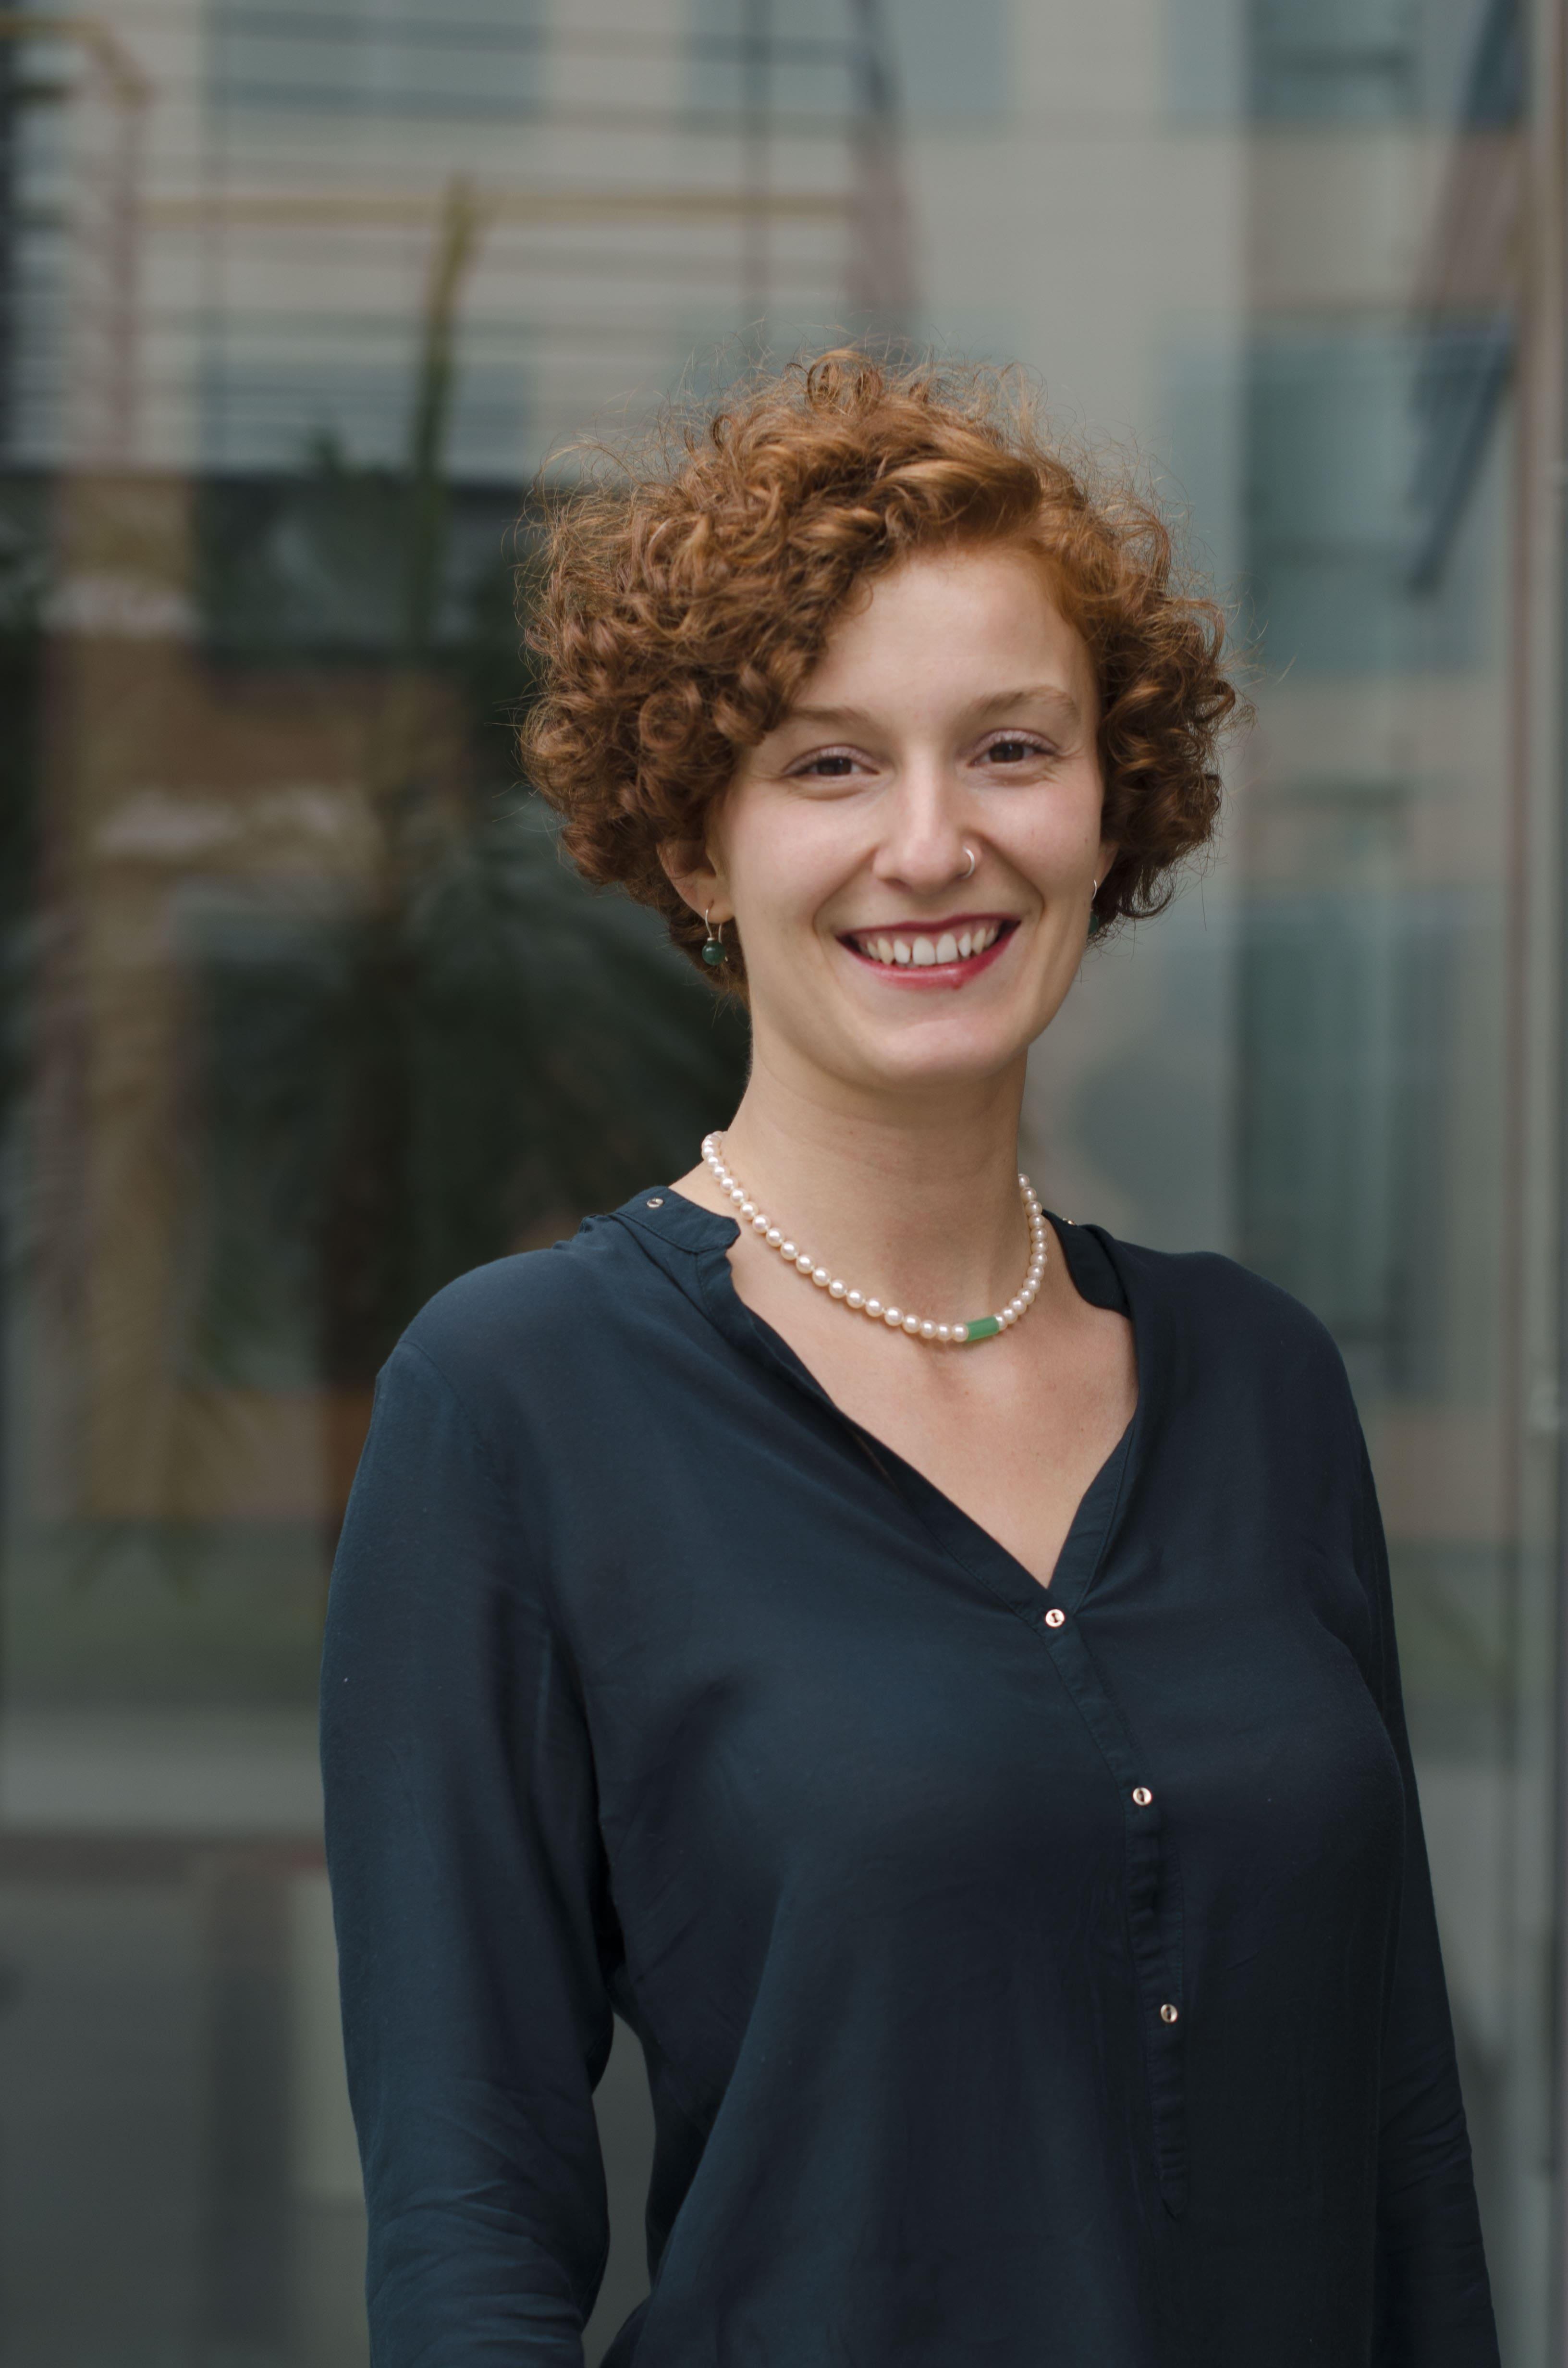 Anna-Lena Mathieu